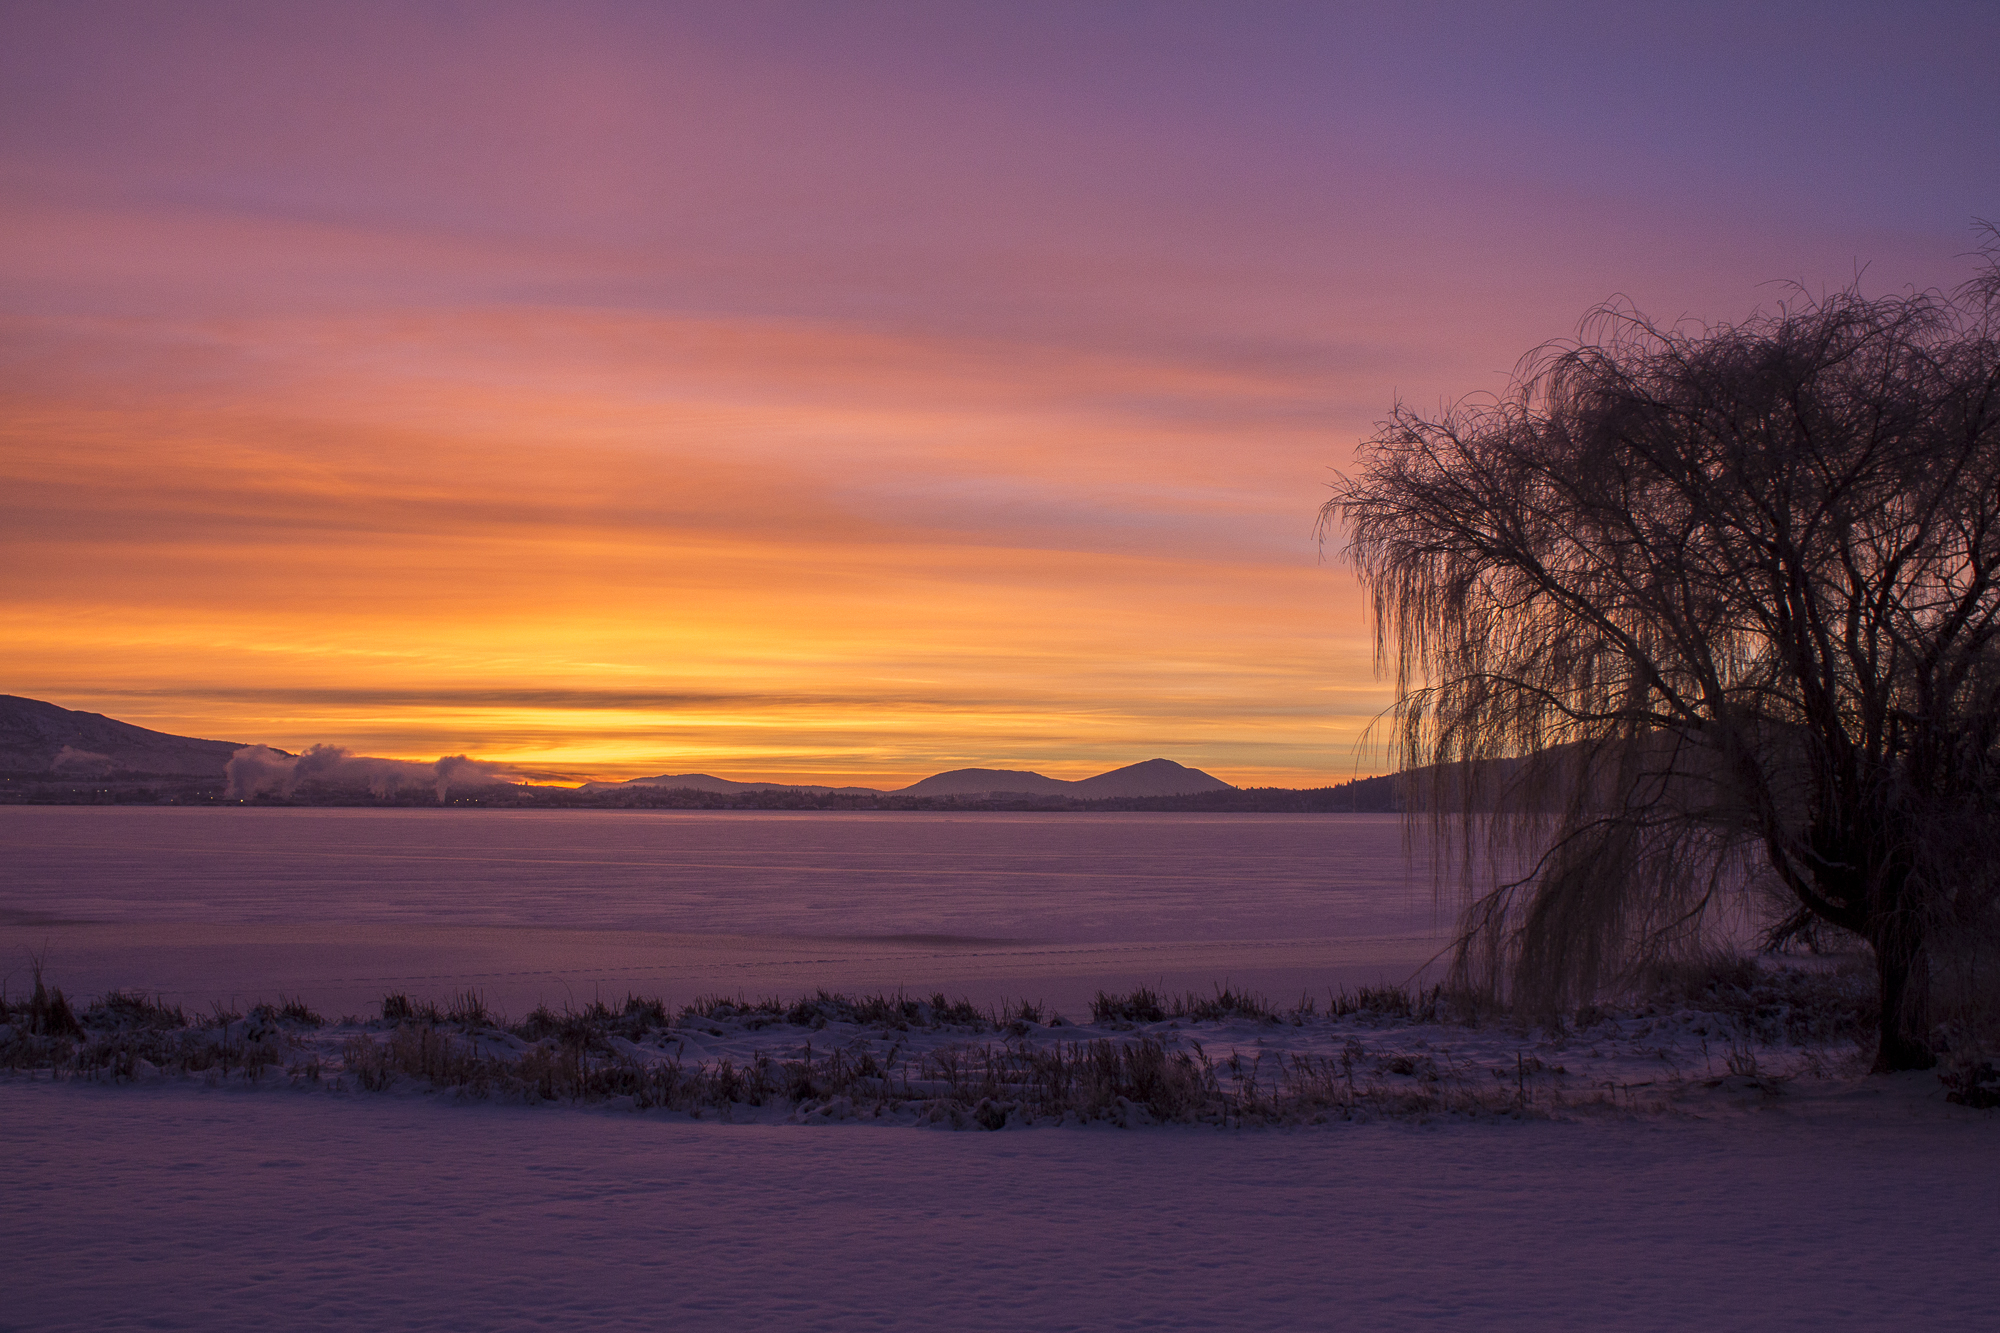 SunriseOverFrozenKlamLake.jpg